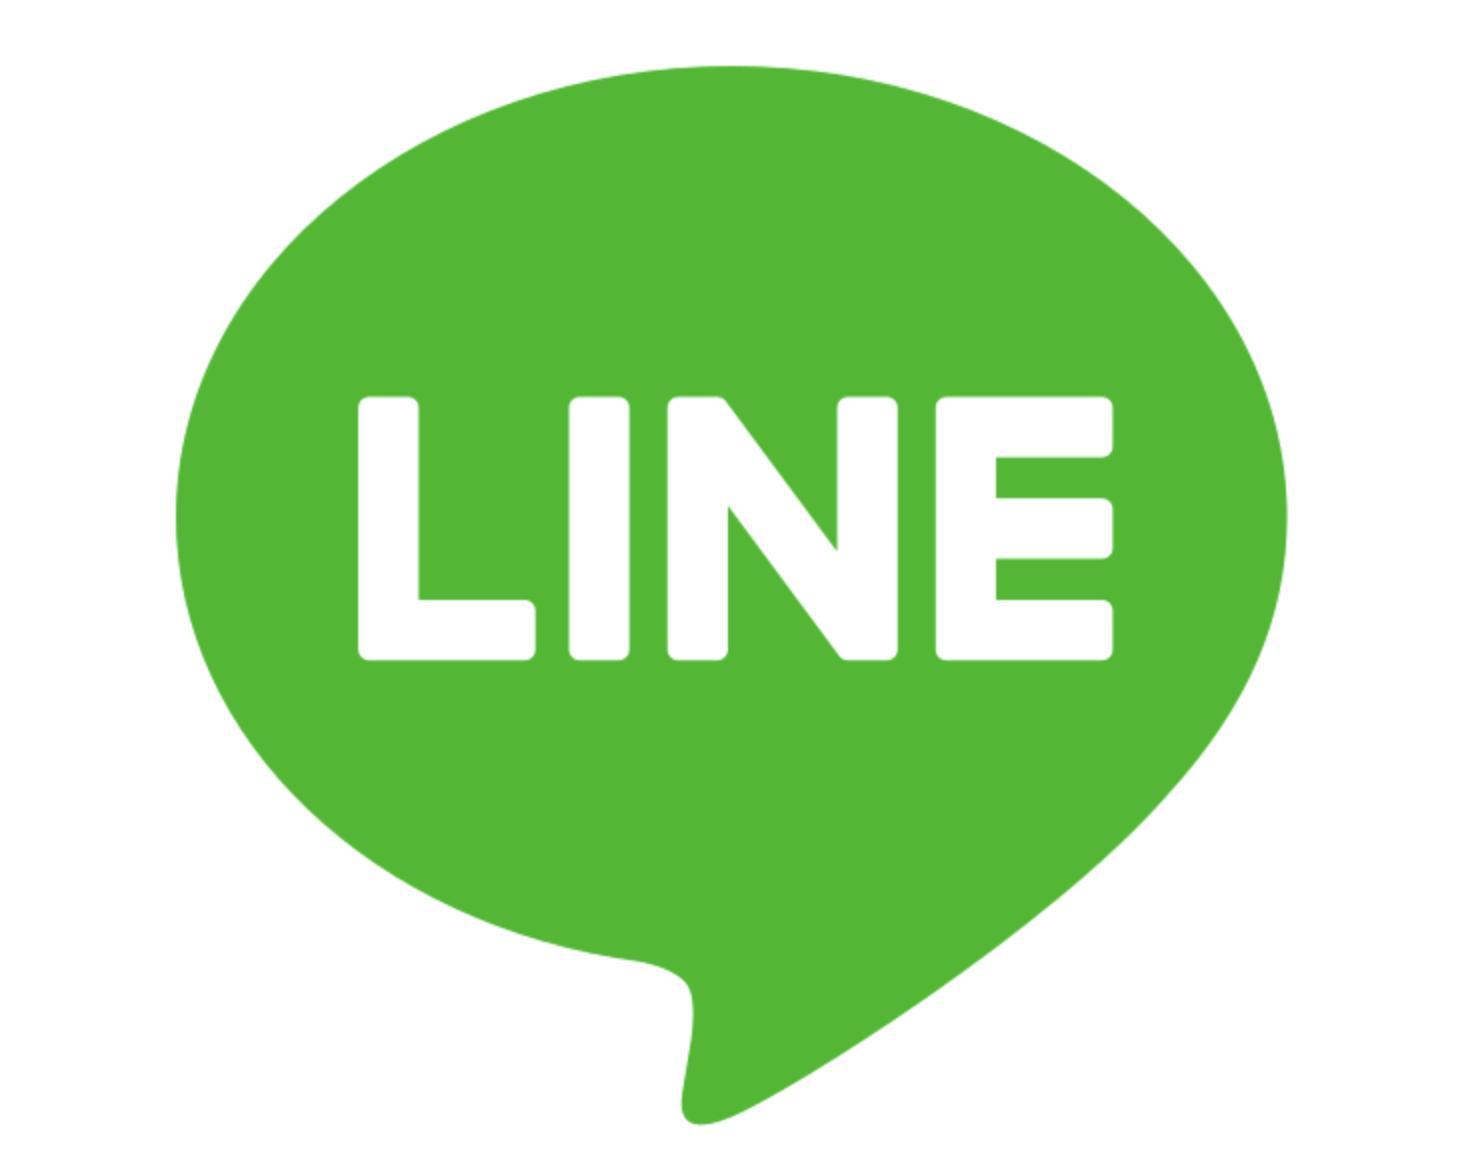 全台道路用地買賣Line聯繫